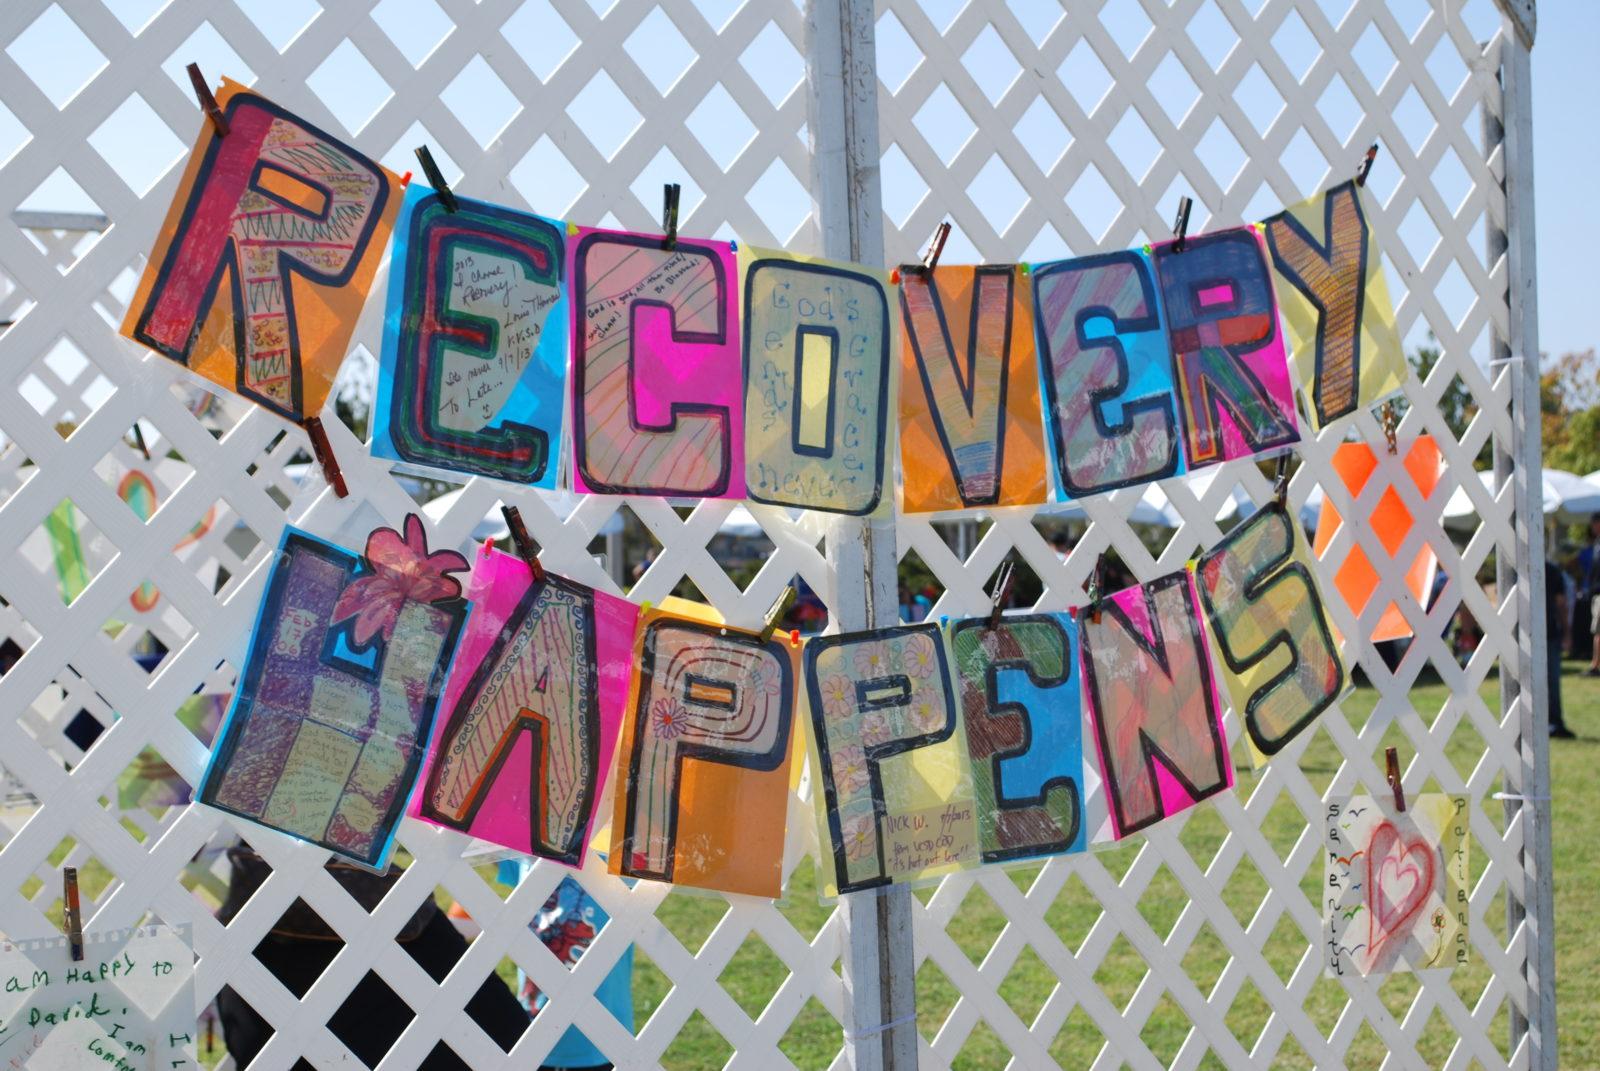 recoveryhappens